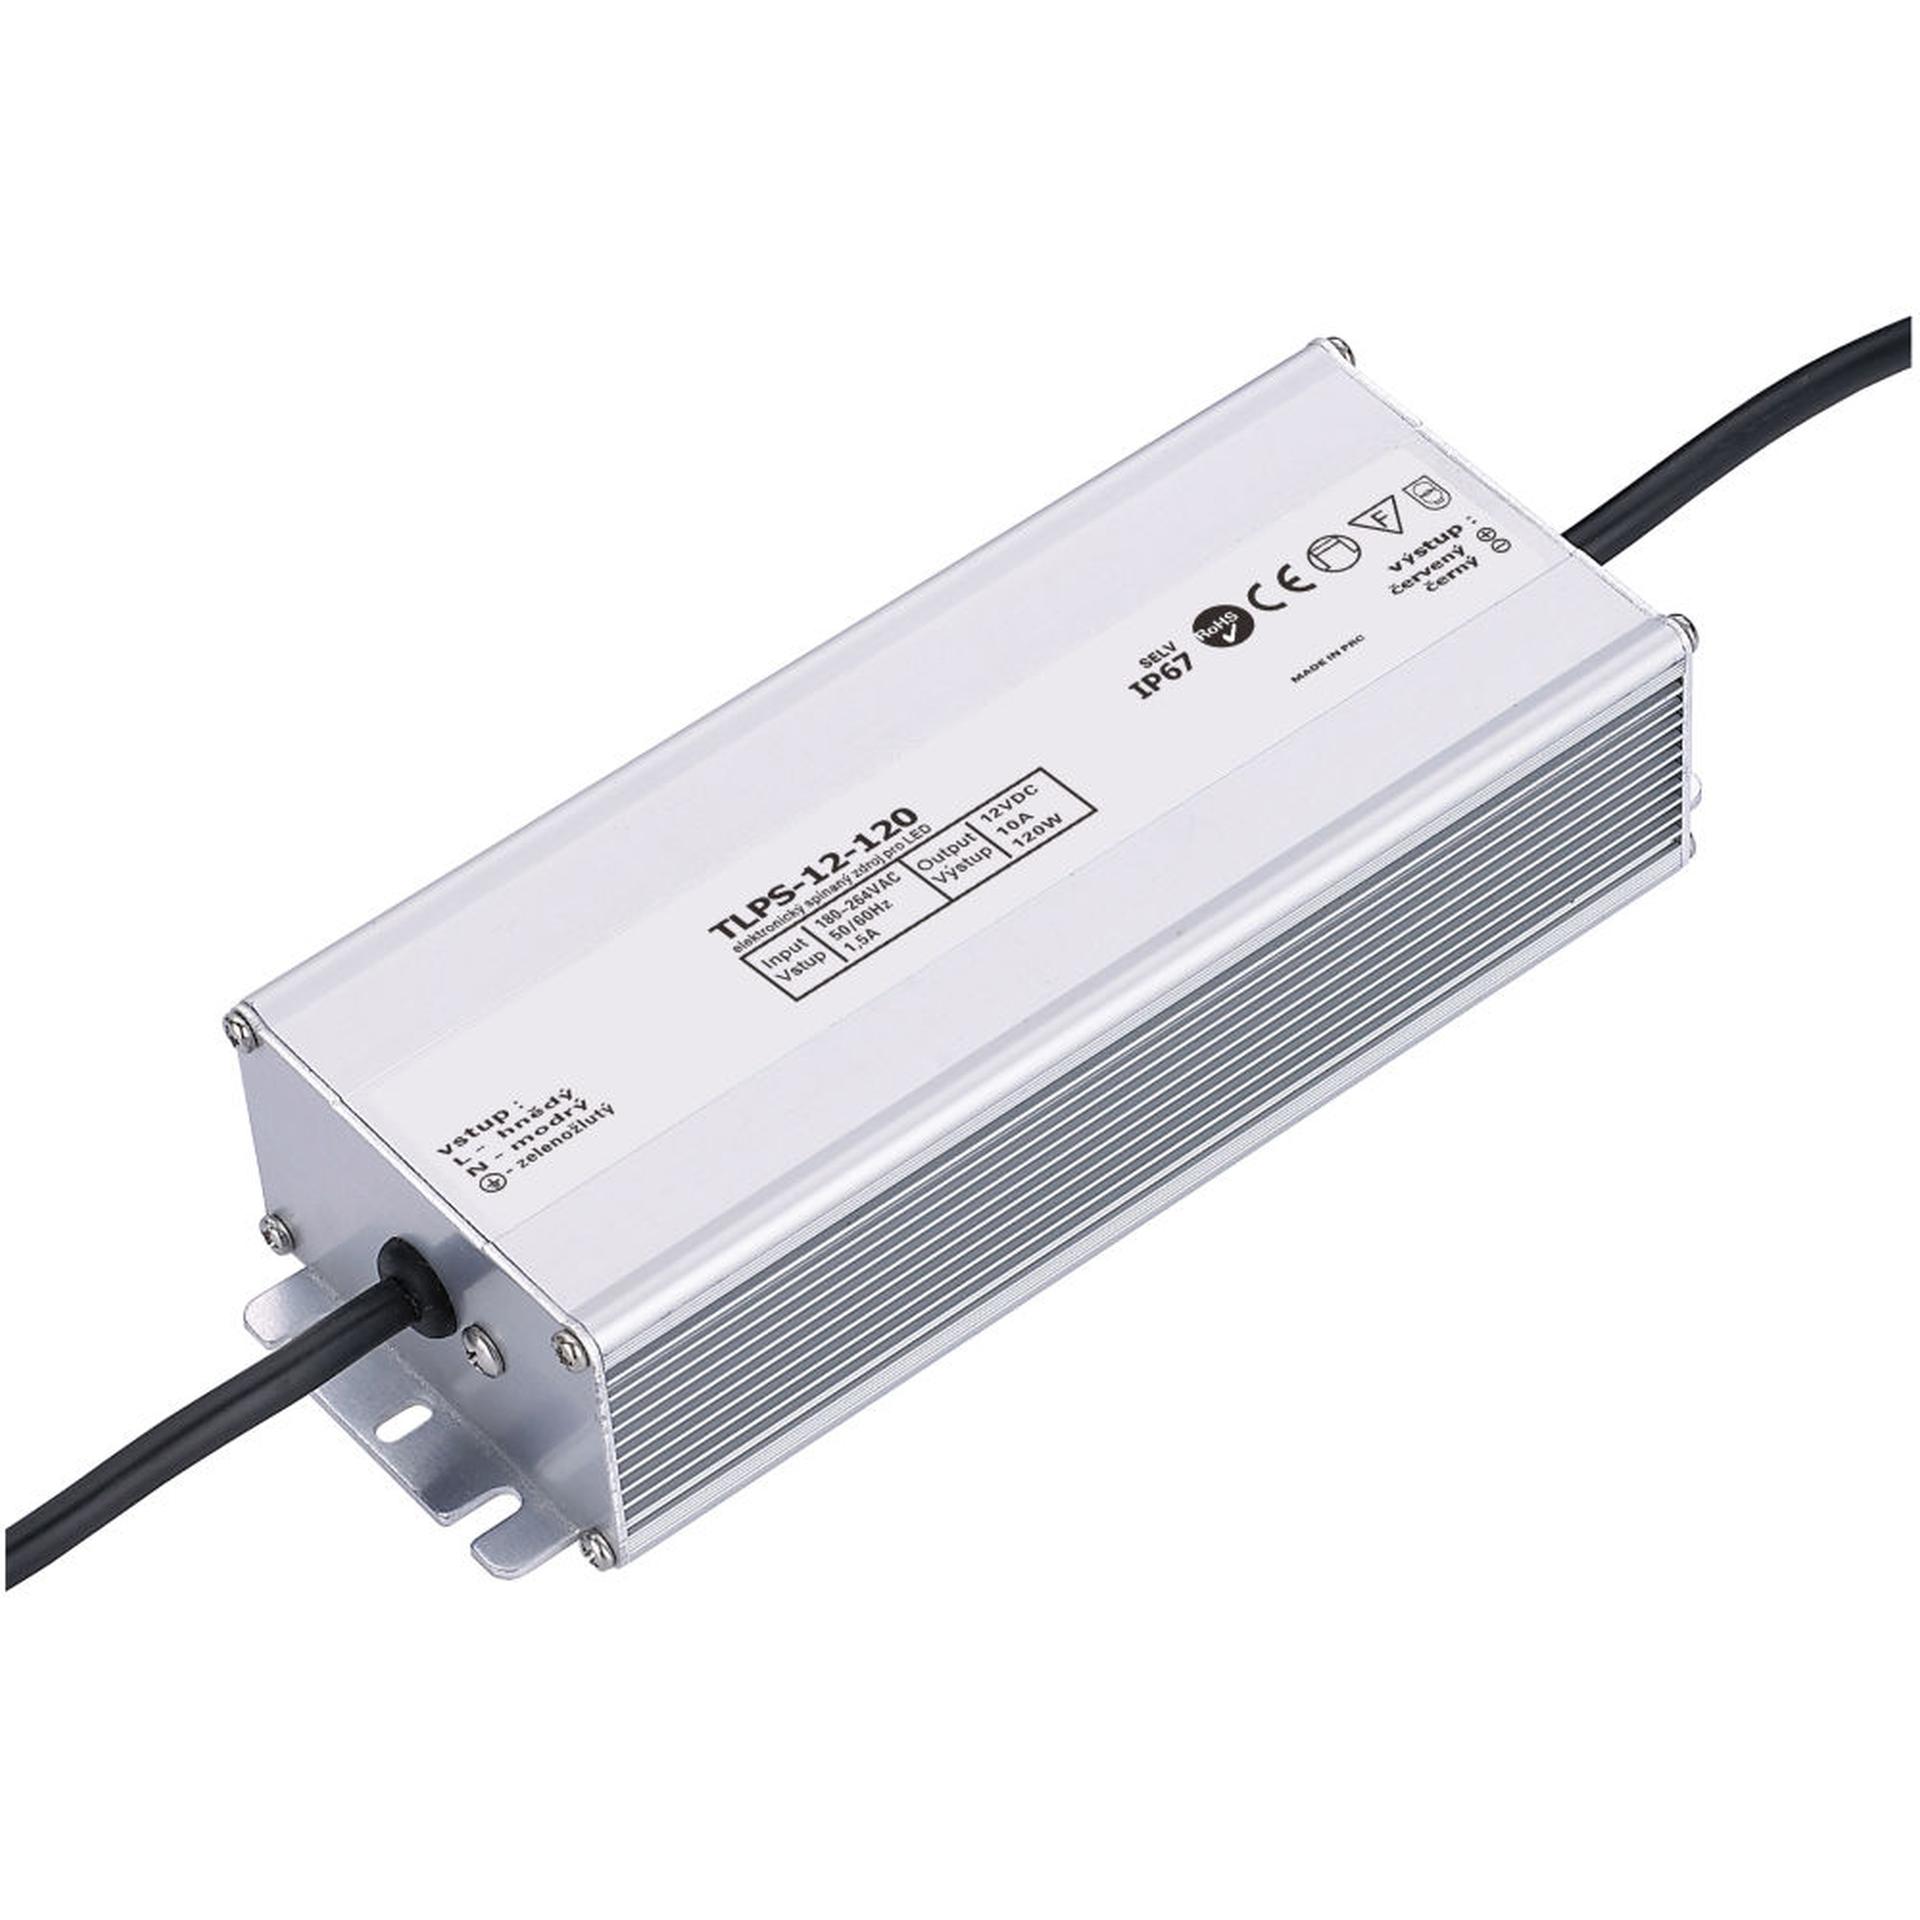 T-LED LED zdroj (trafo) 12V 120W IP67 05108